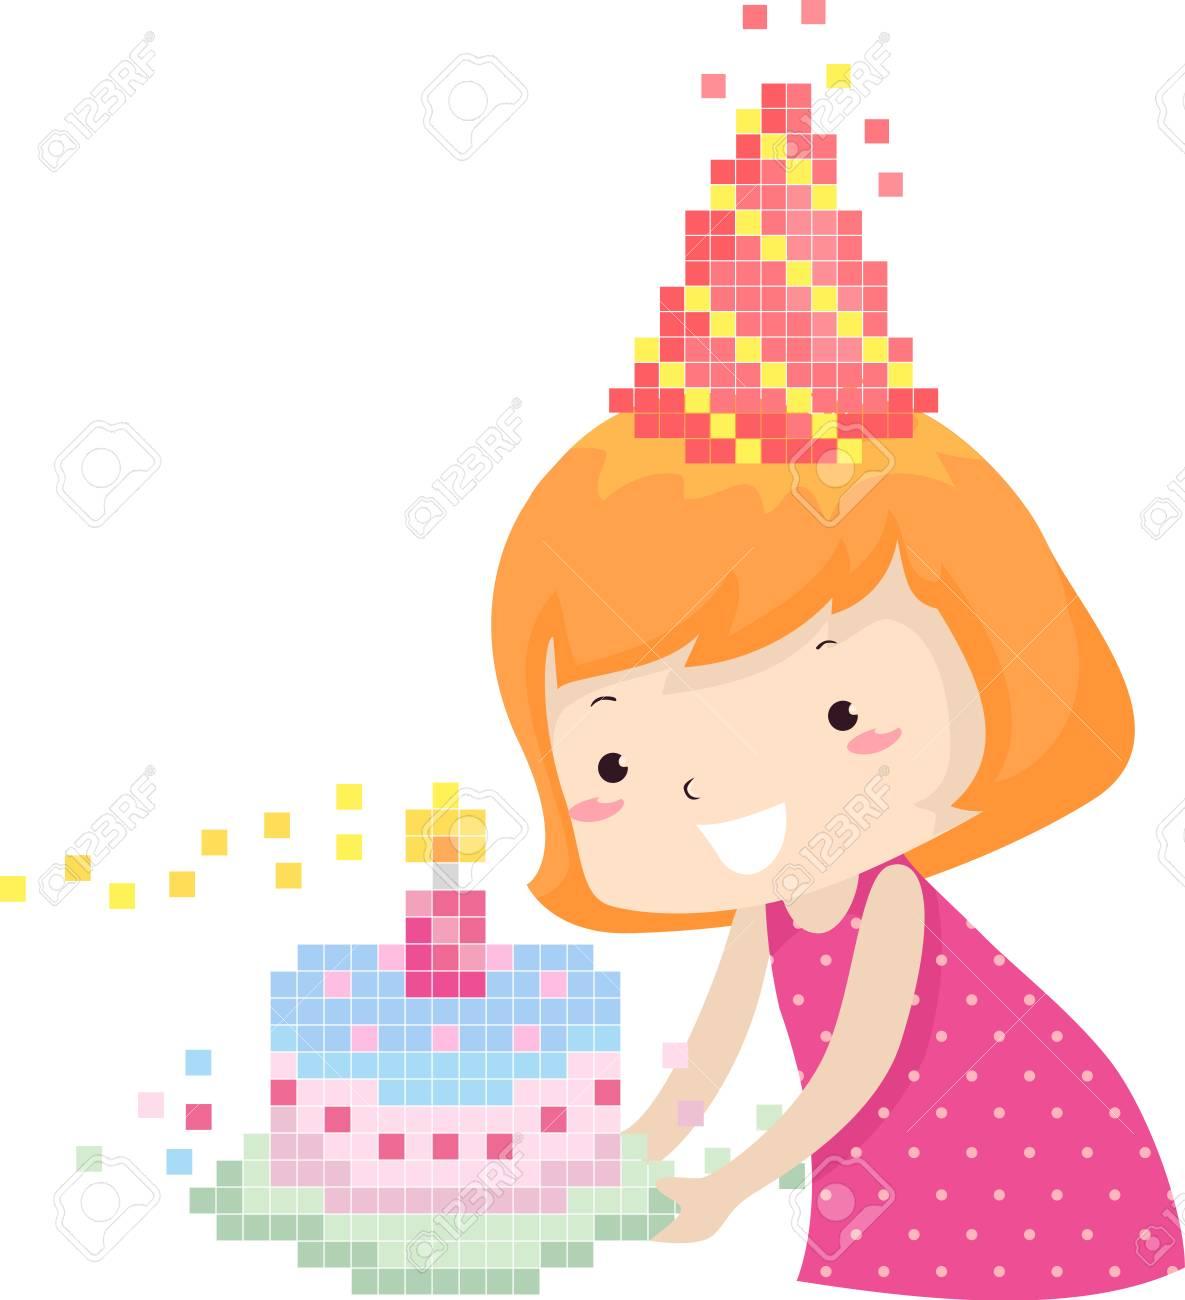 カラフルなイラストが一致するバースデー ケーキを運ぶピクセル パーティー帽子でかわいい女の子